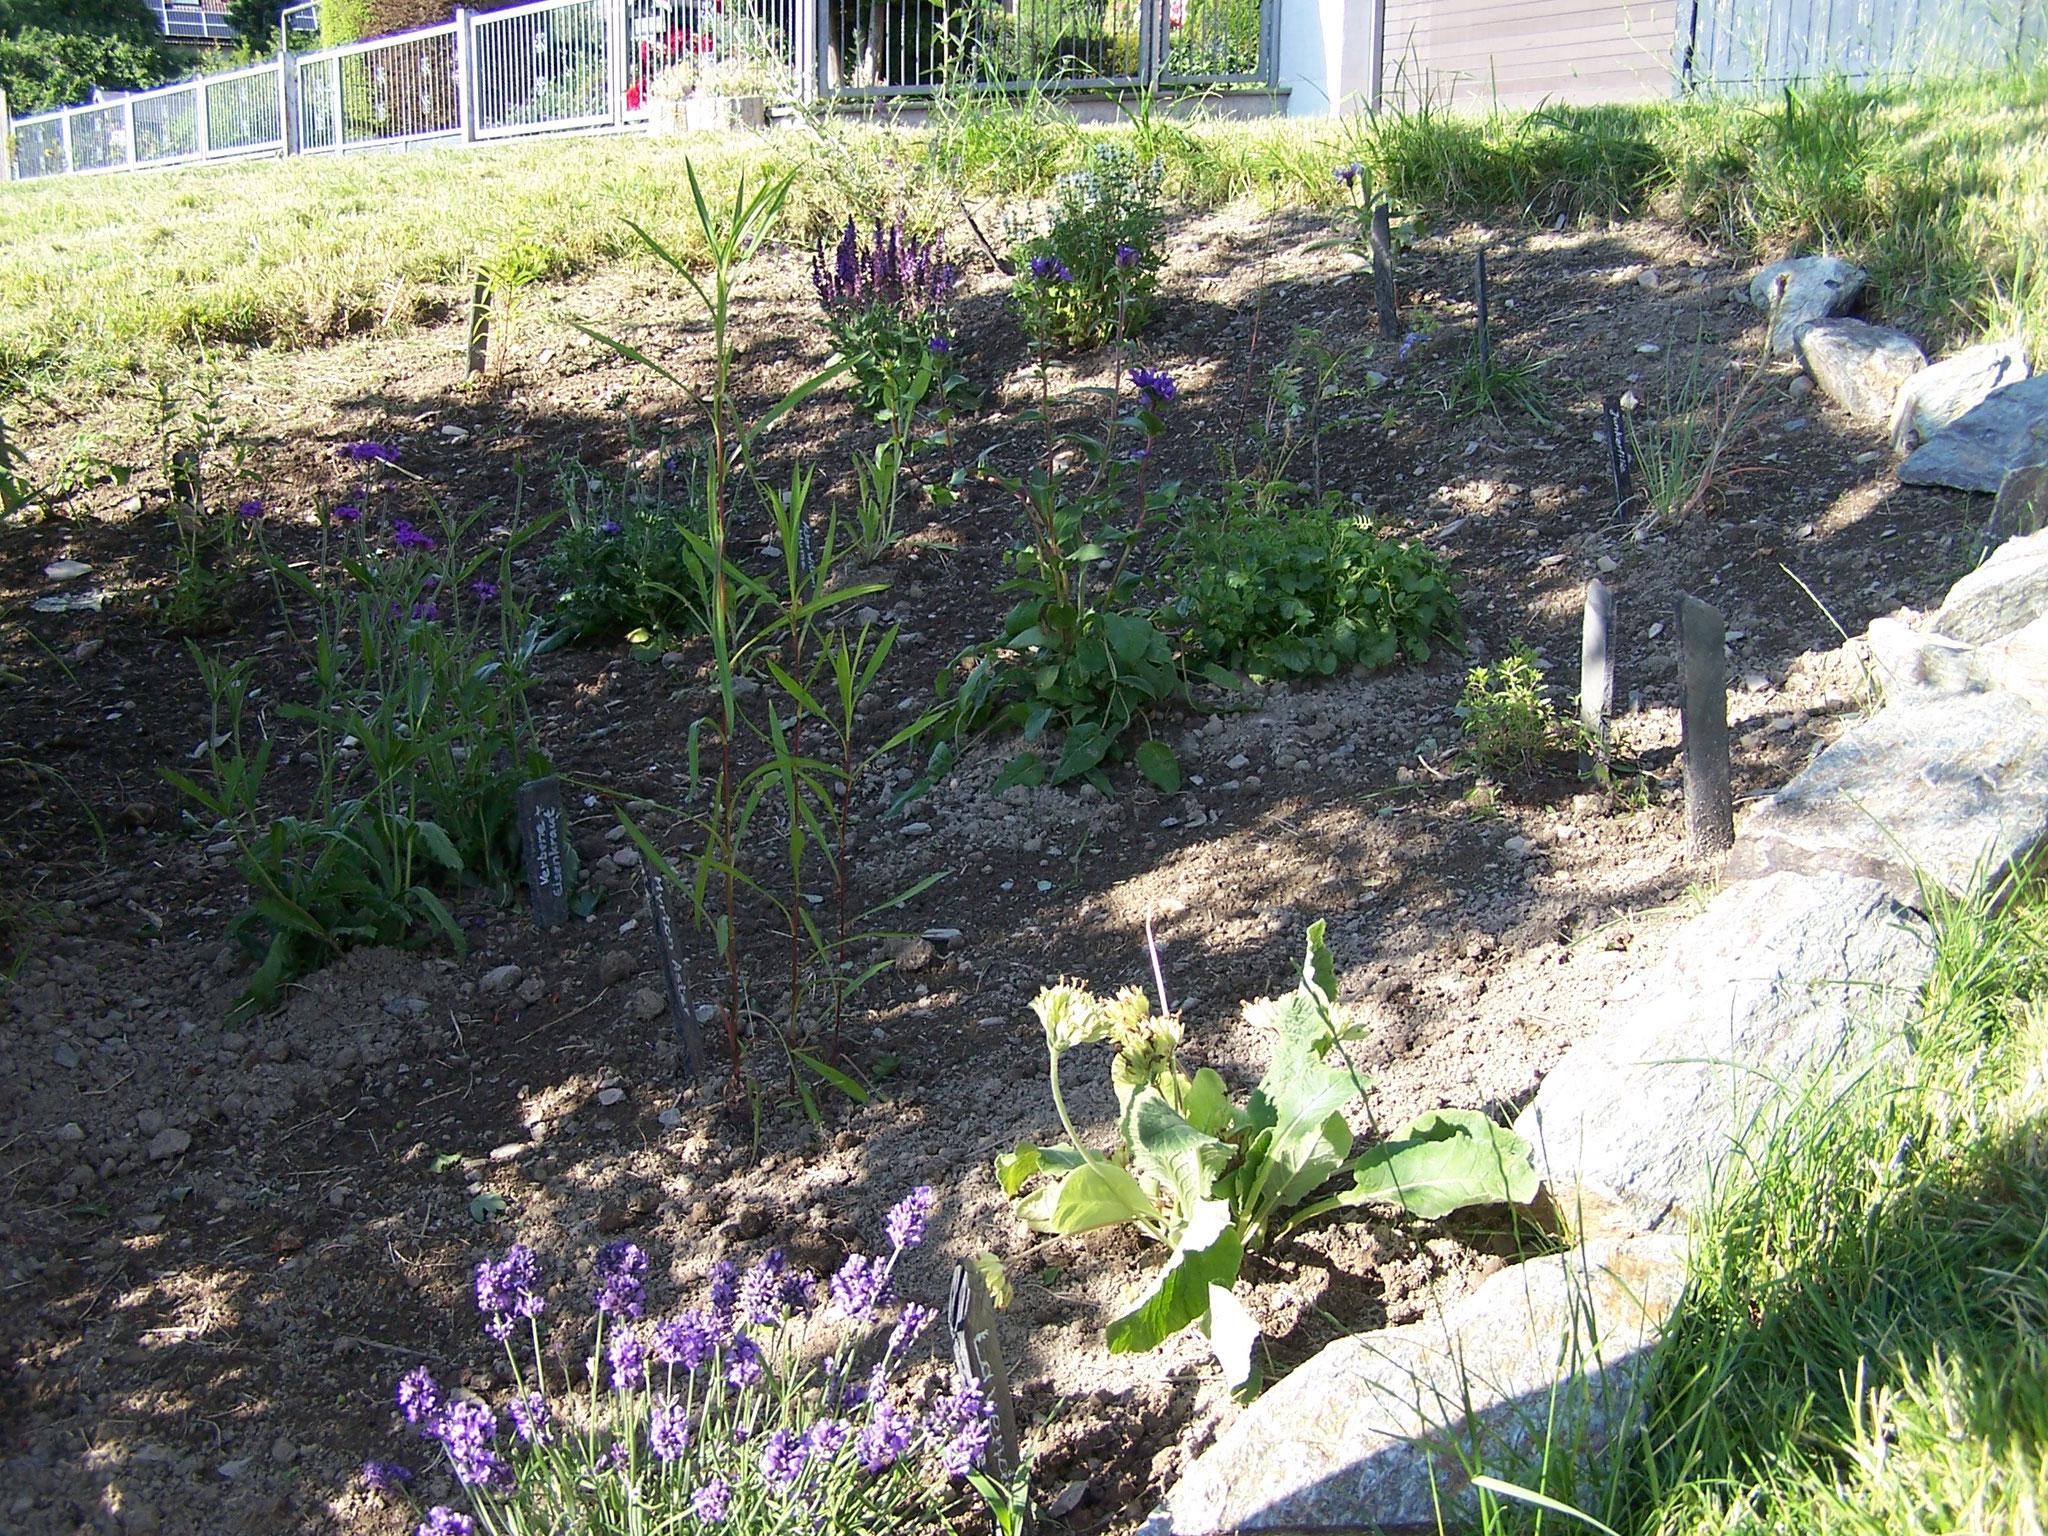 ... das Schmetterlingsbeet wurde bepflanzt und die Blumen mit Namensschildern versehen...